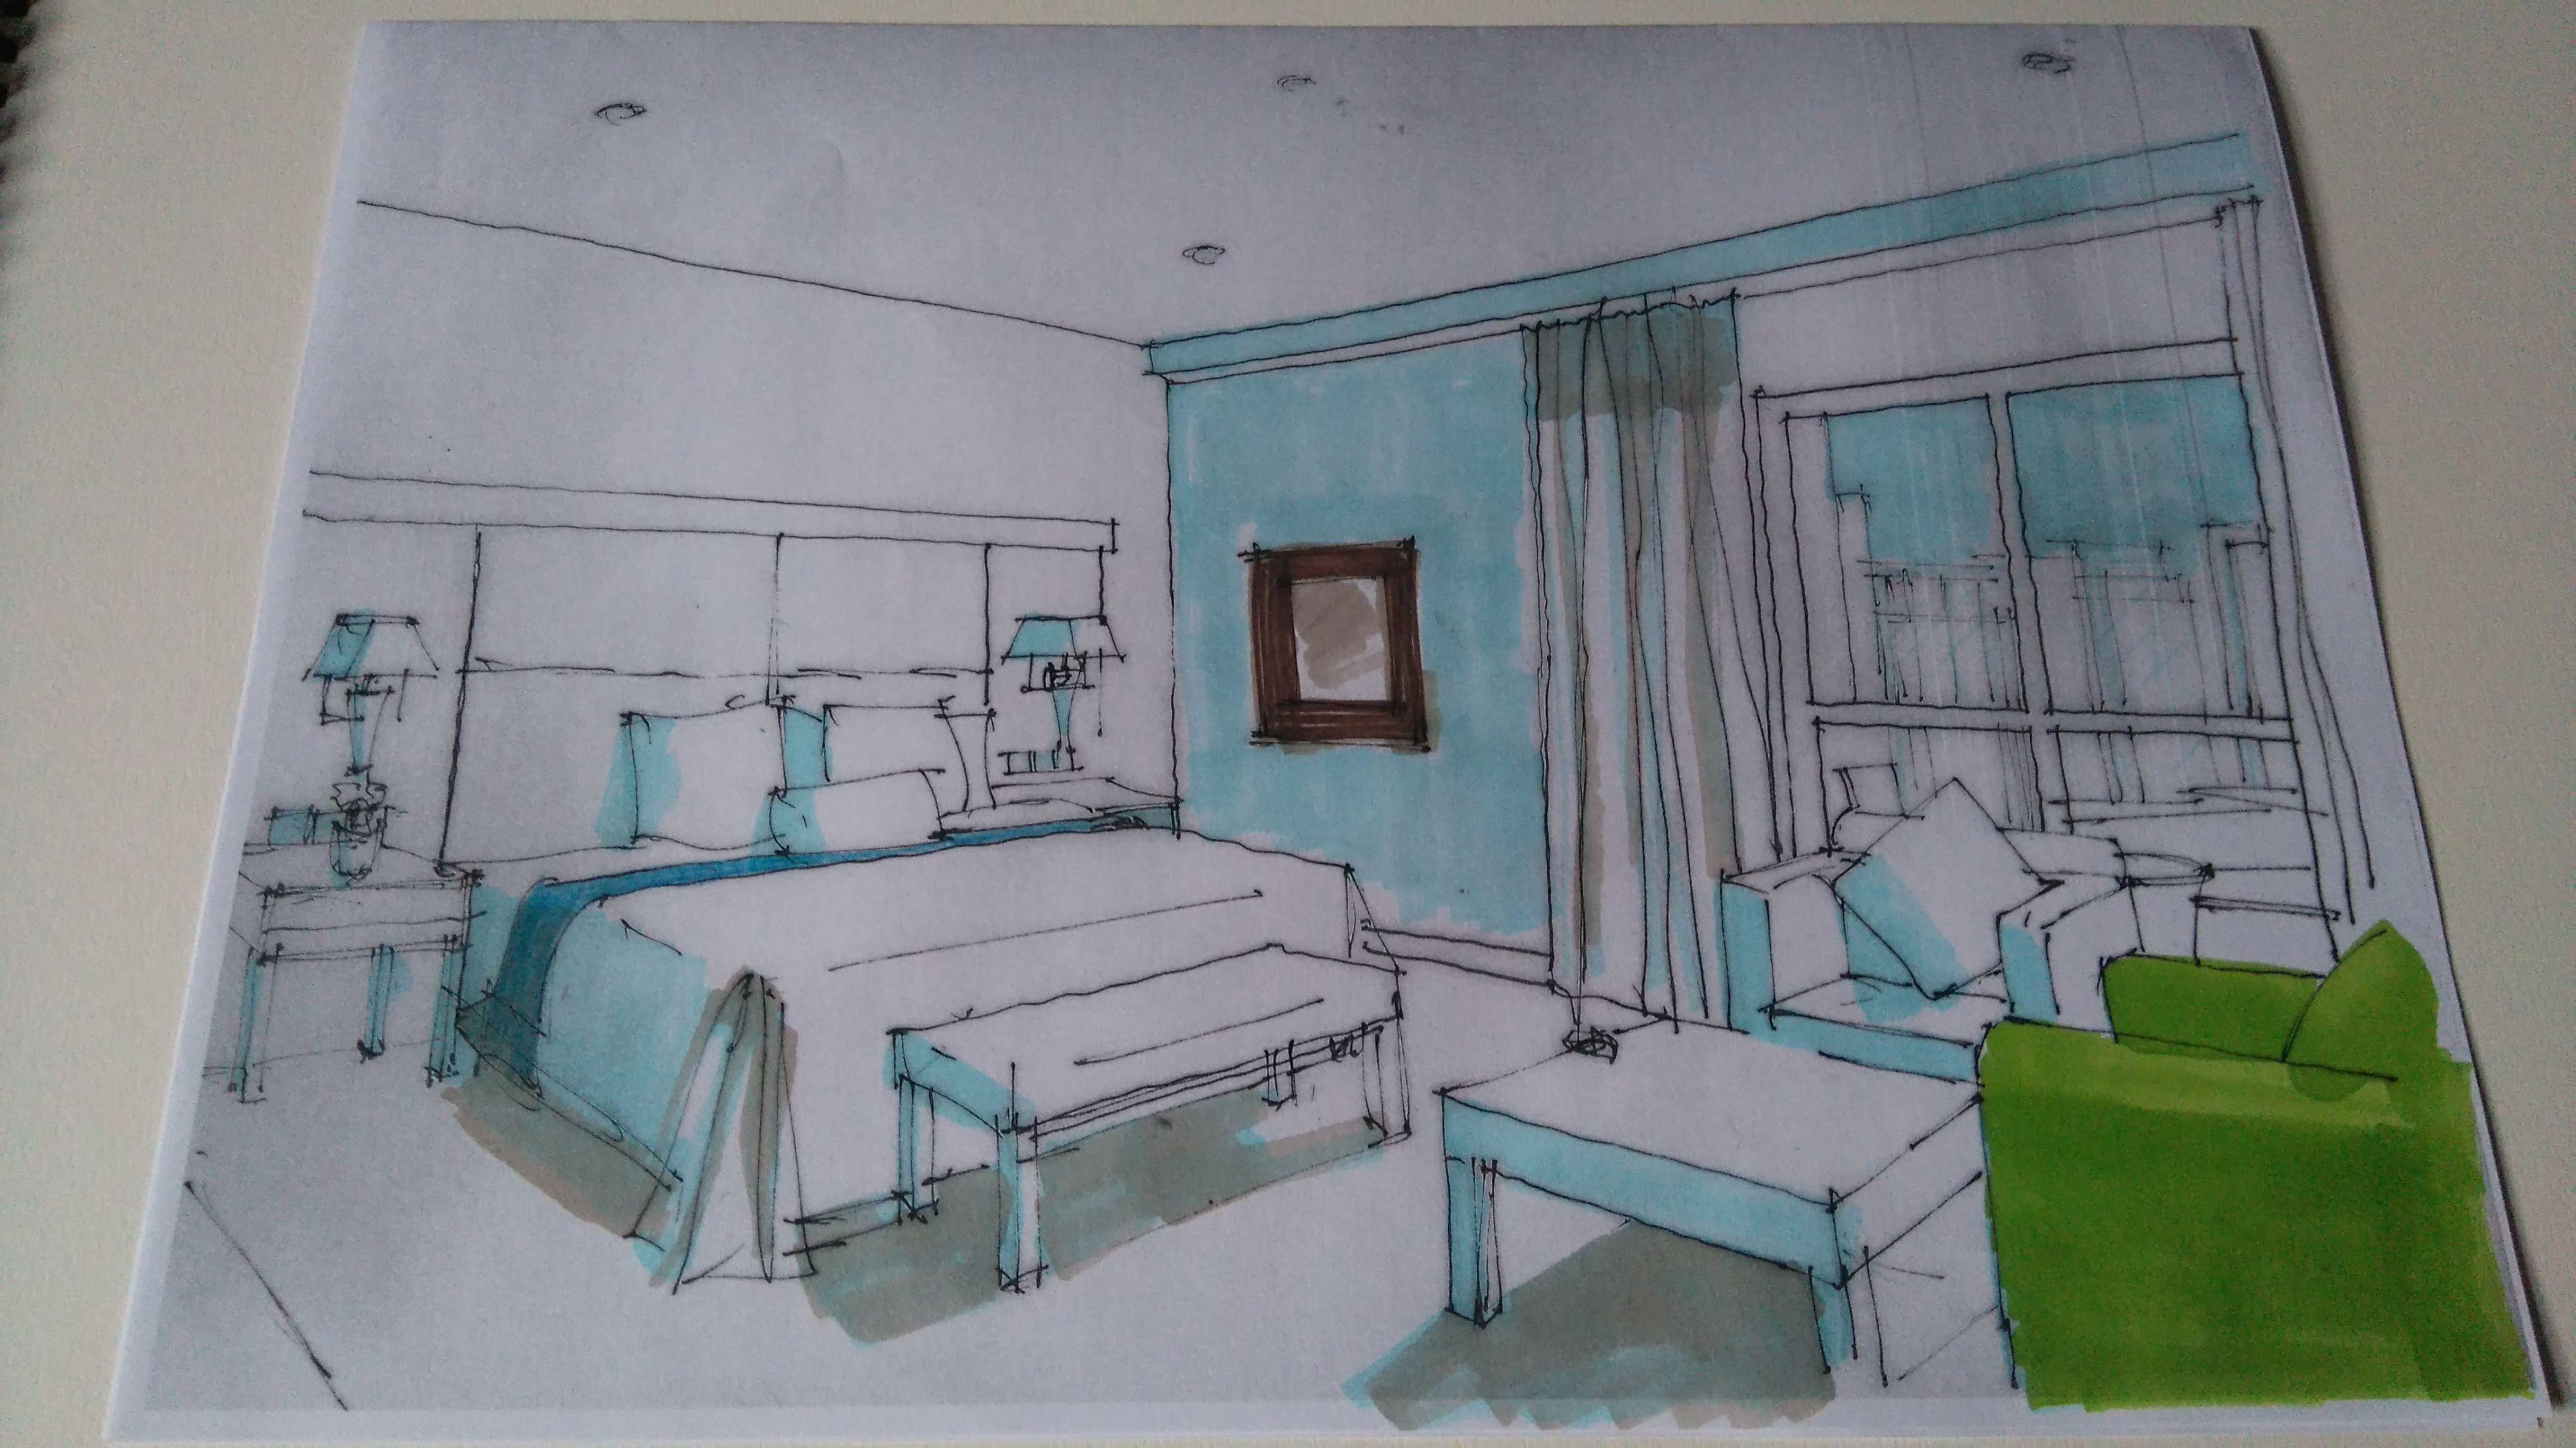 Kurecolor rendering interior sketches Pinterest